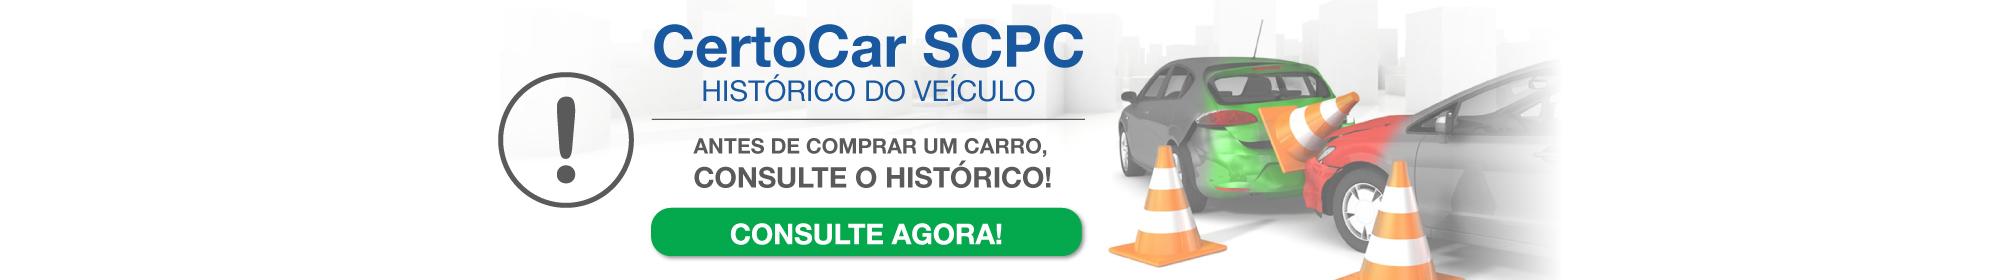 CertoCar SCPC – Boa Vista SCPC